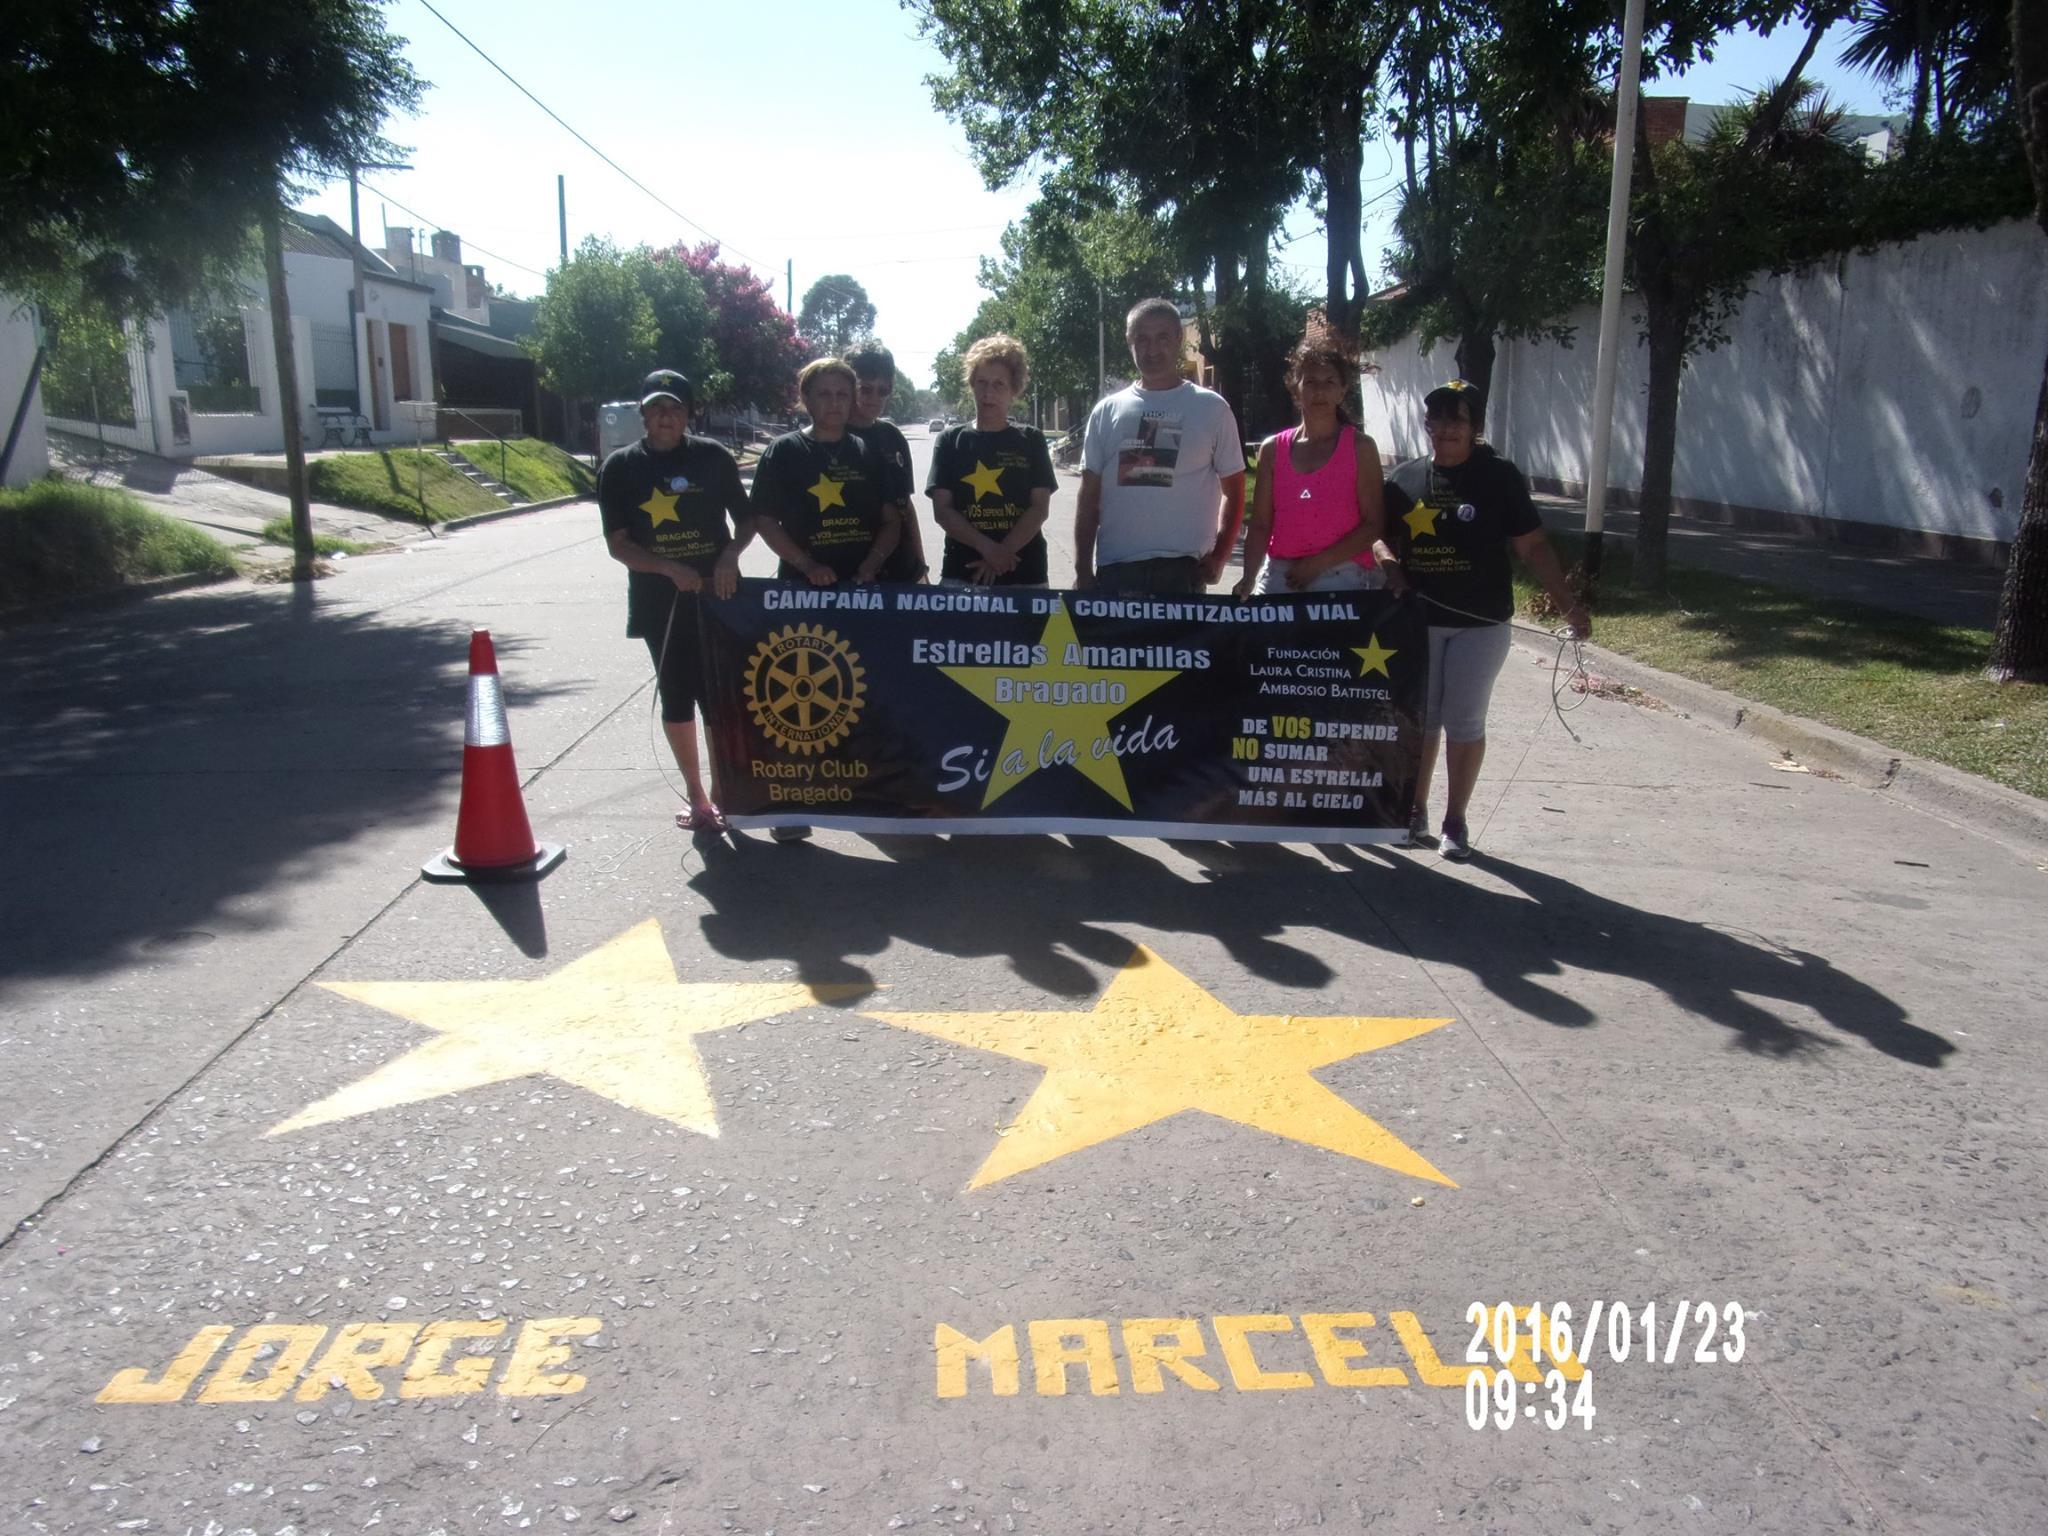 El 23 de enero el grupo de Estrellas Amarillas Bragado repinto las estrellas de : JORGE LIZARRAGA Y SU SRA. MARCELA y la estrella de la sra. MARTA PETTIGNANI en compania de familiares.